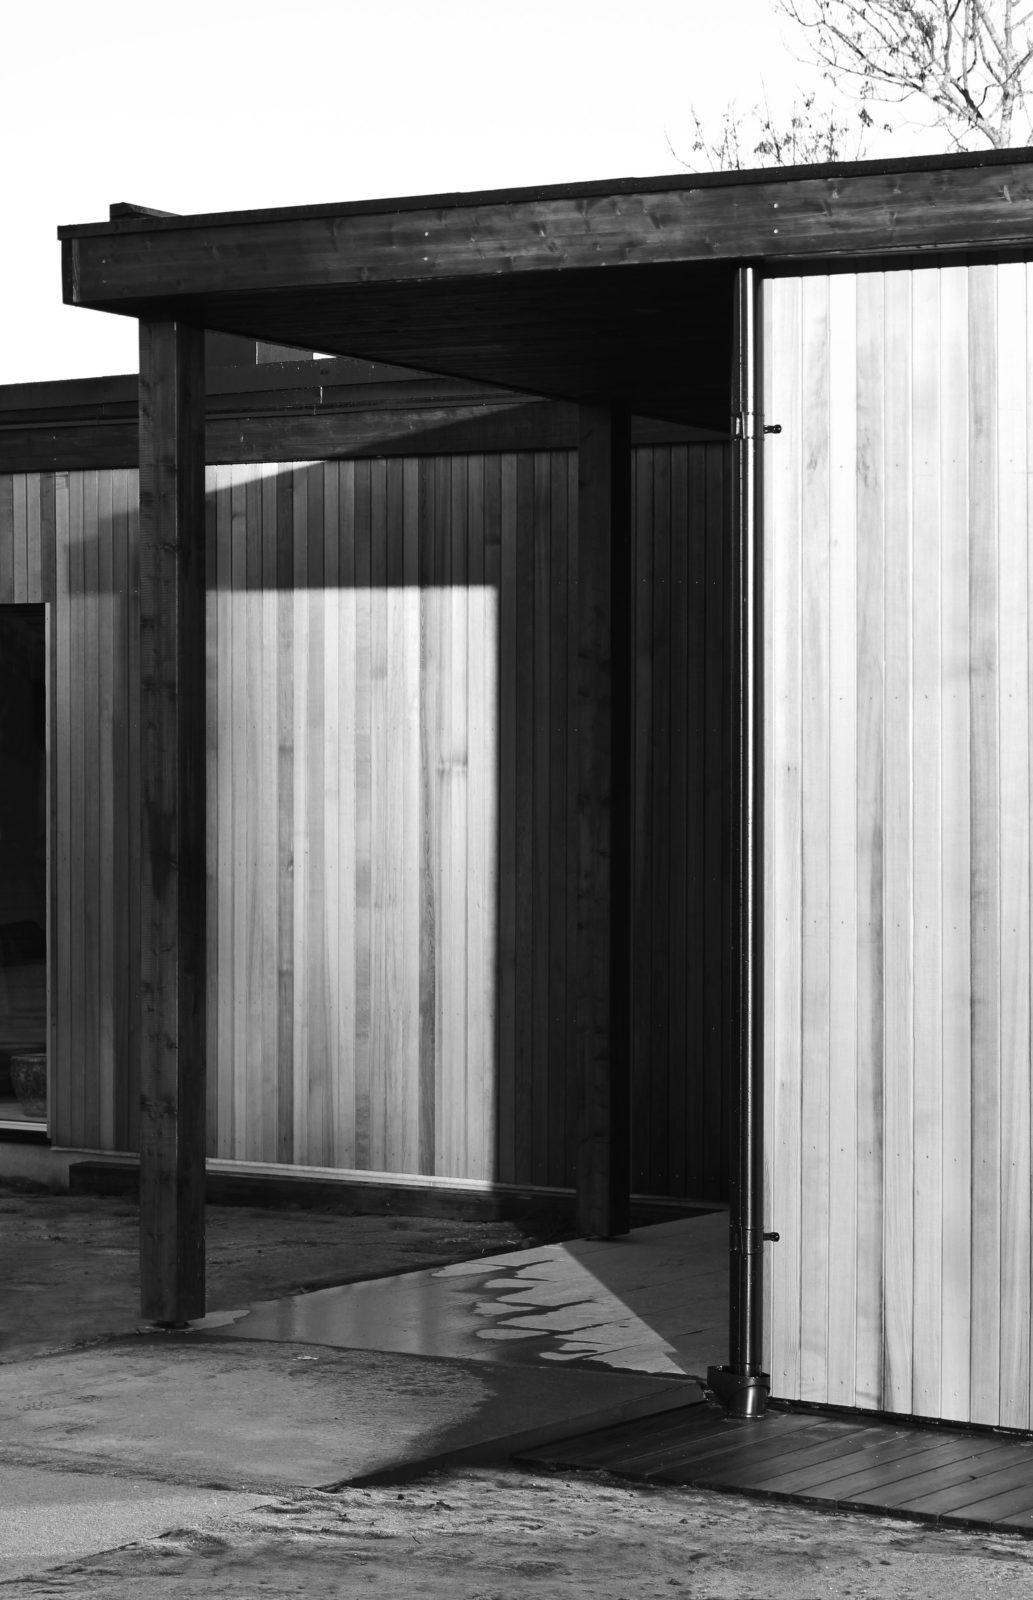 KjellanderSjoberg VillaVisuri fasad entre 3600x2324px